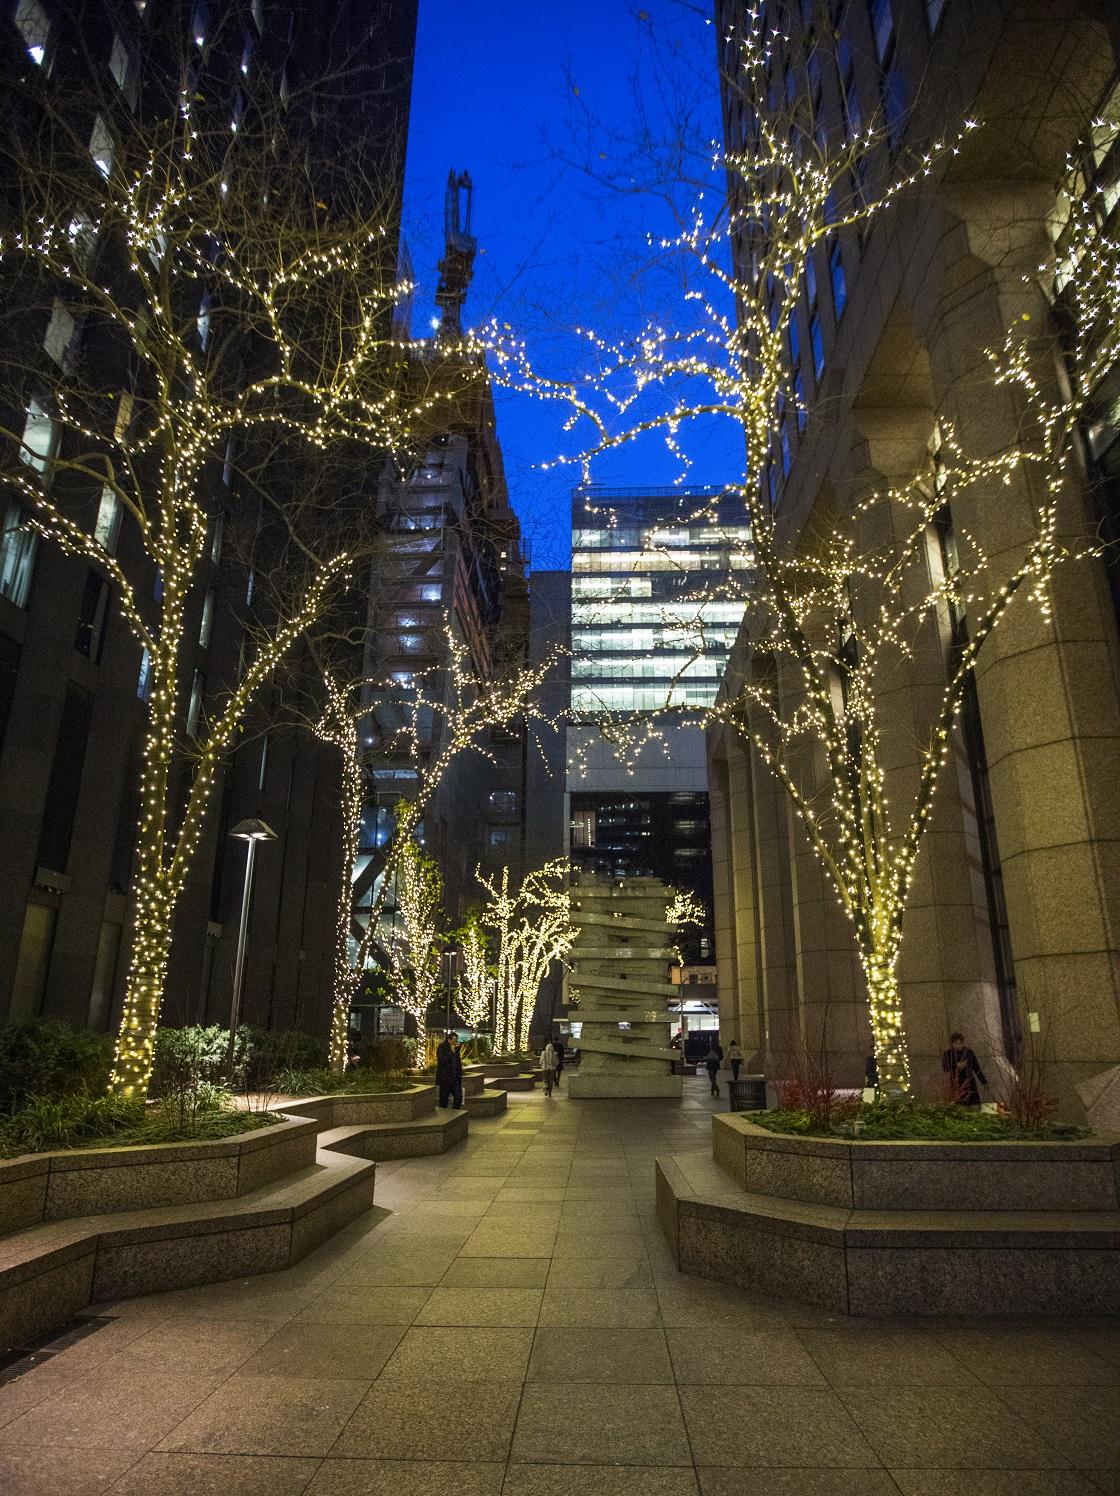 Plaza Holiday Lighting